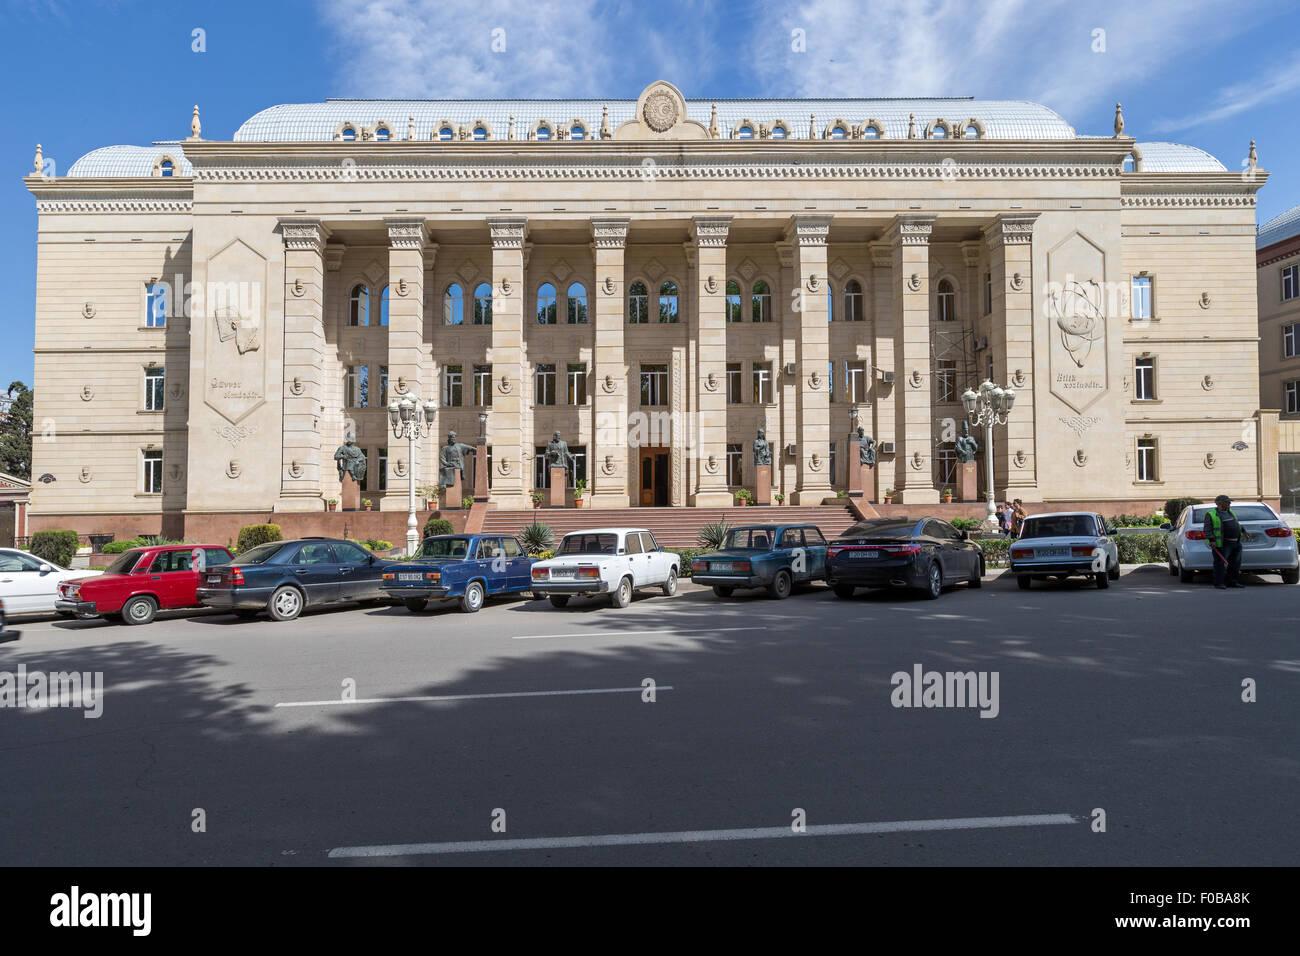 University Building Soviet style Ganja Azerbaijan - Stock Image